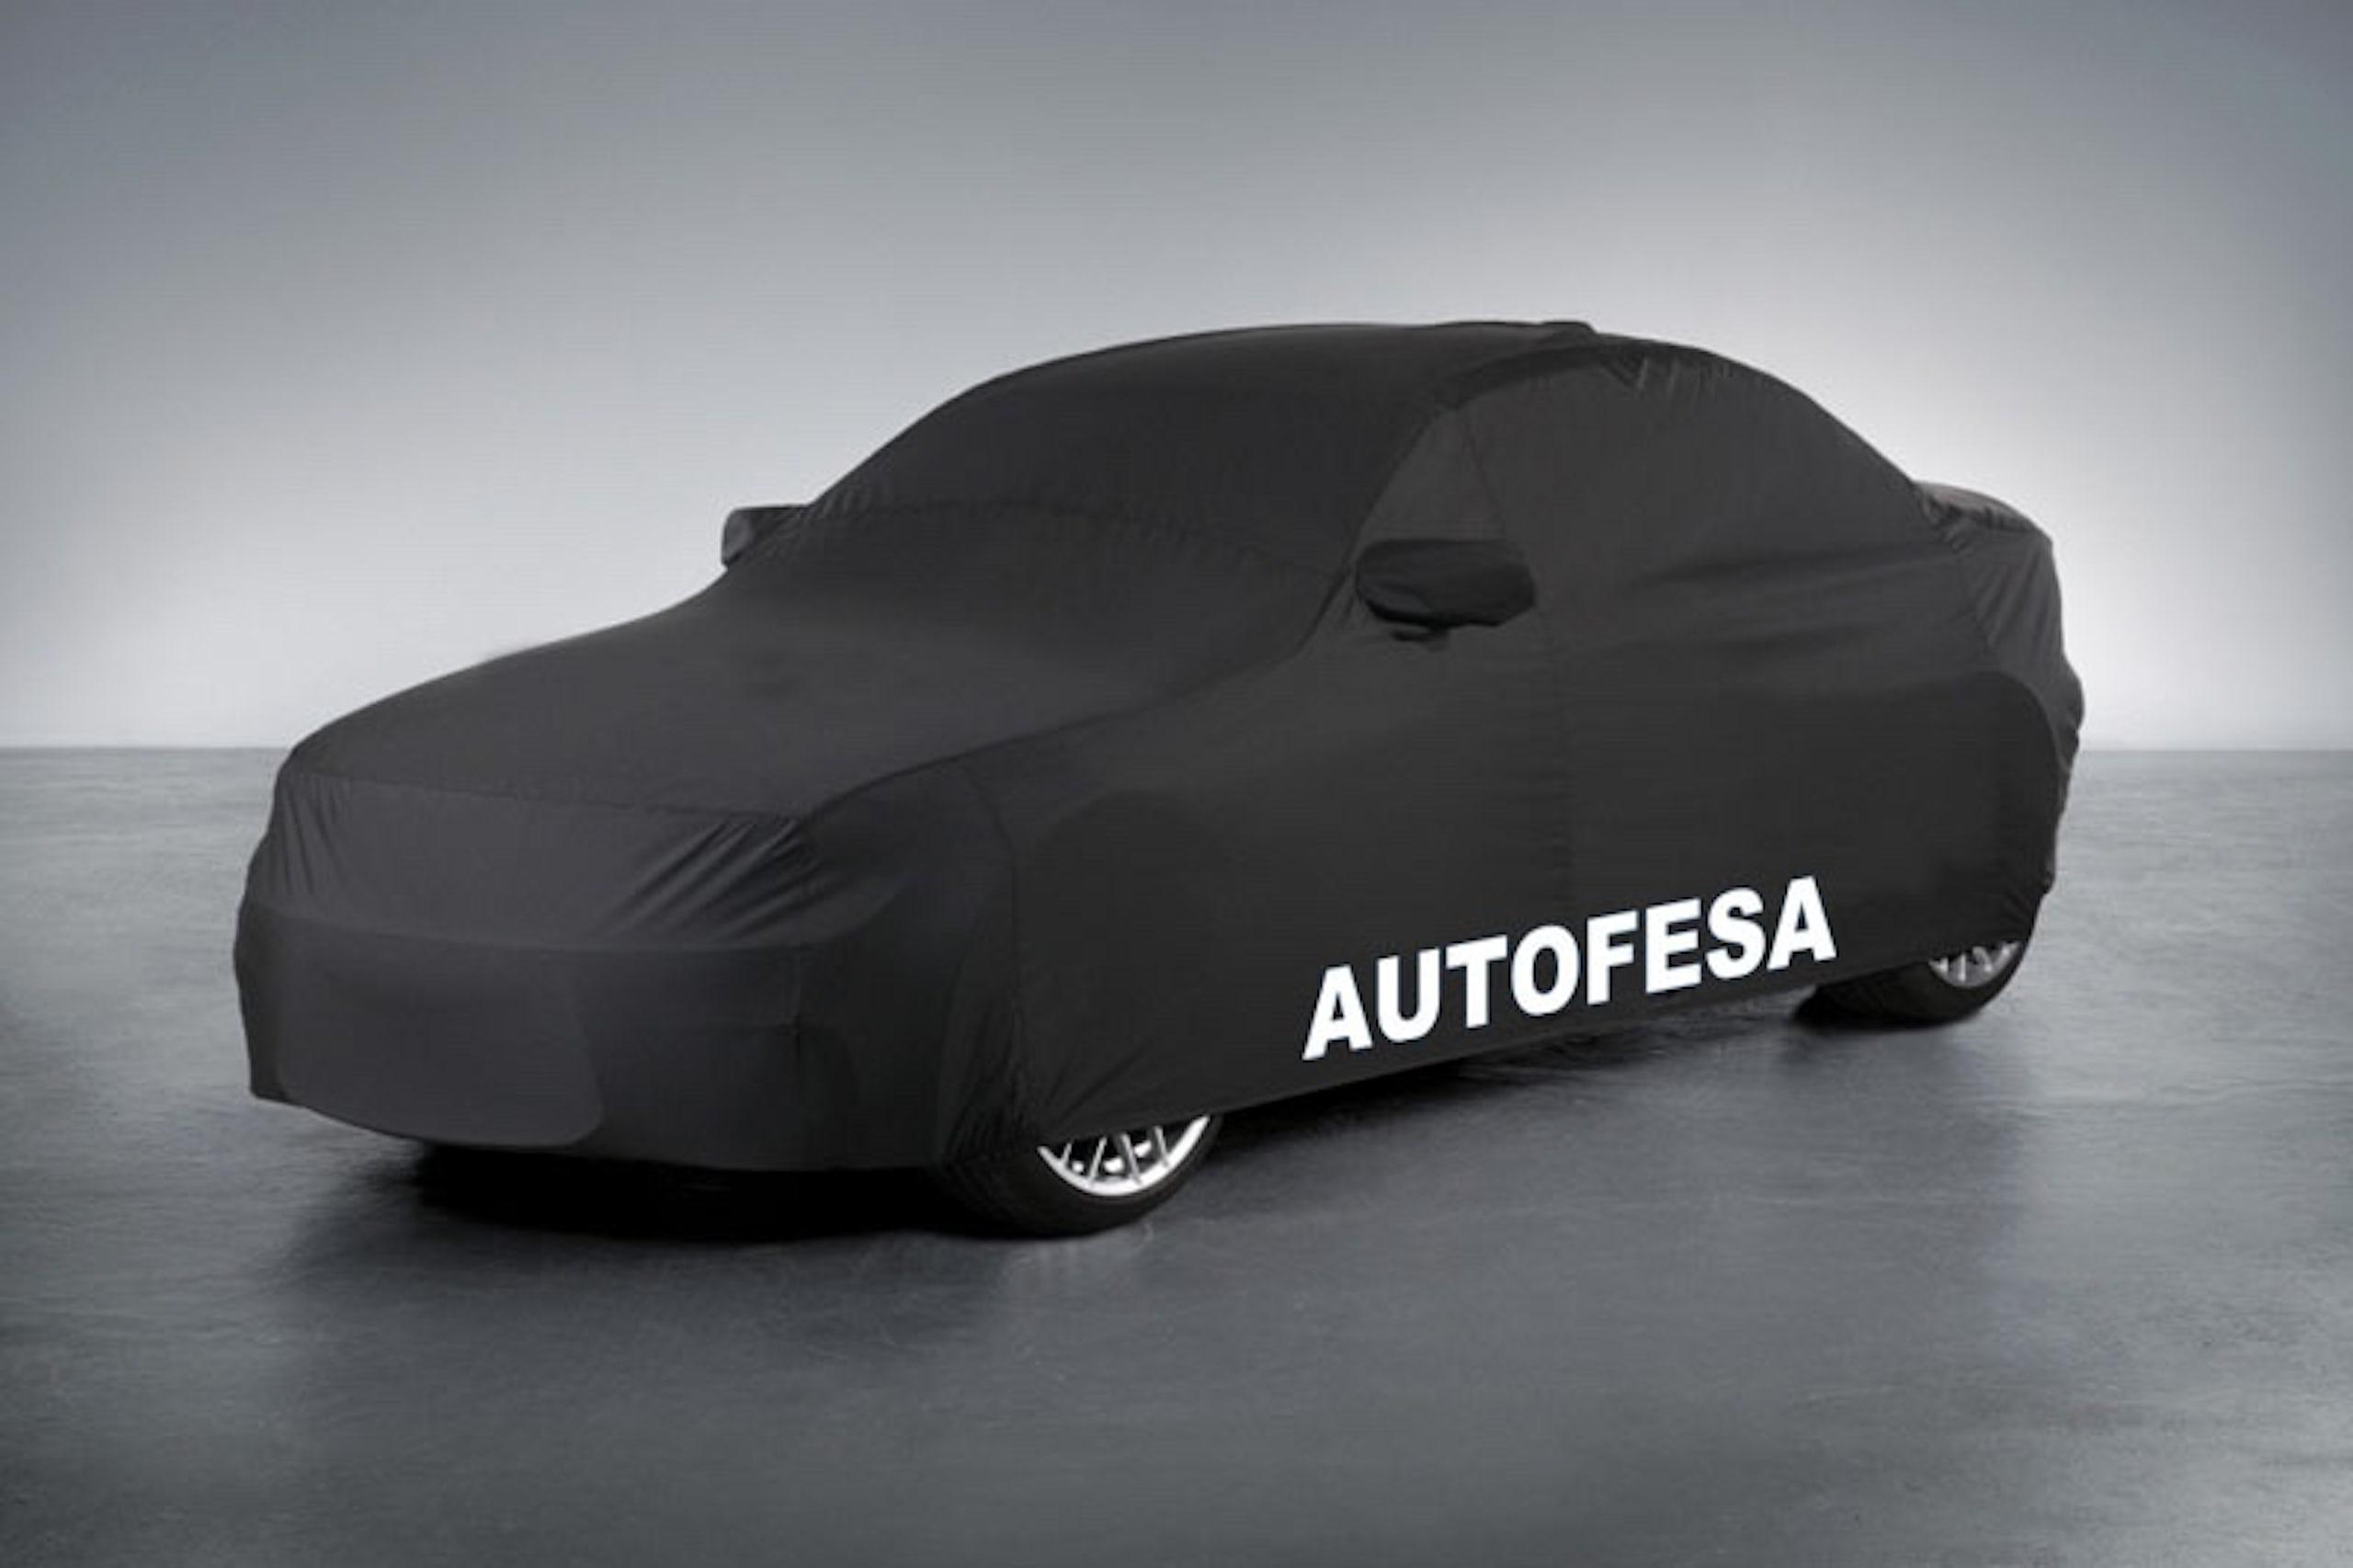 Audi Tts S Coupé 2.0 TFSI 245cv quattro S Line 3p S tronic Auto S/S - Foto 30